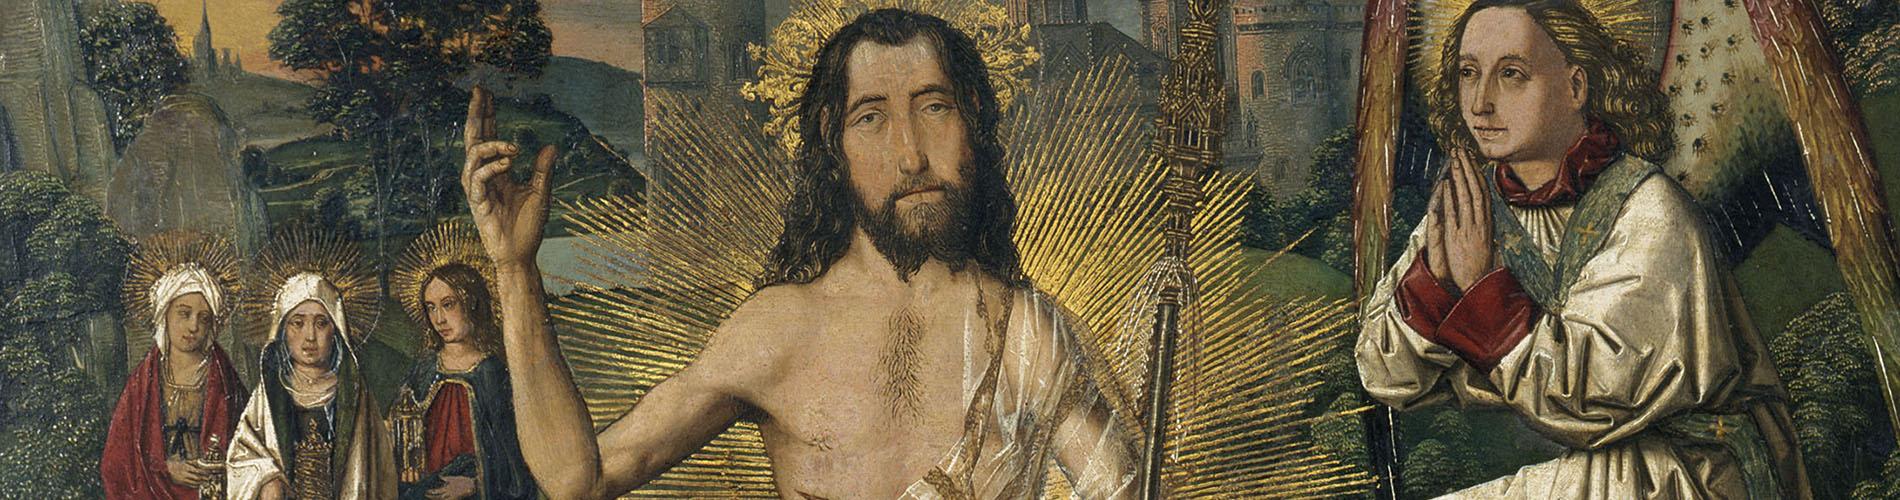 Bartolomé Bermejo, Resurrecció, cap a 1475